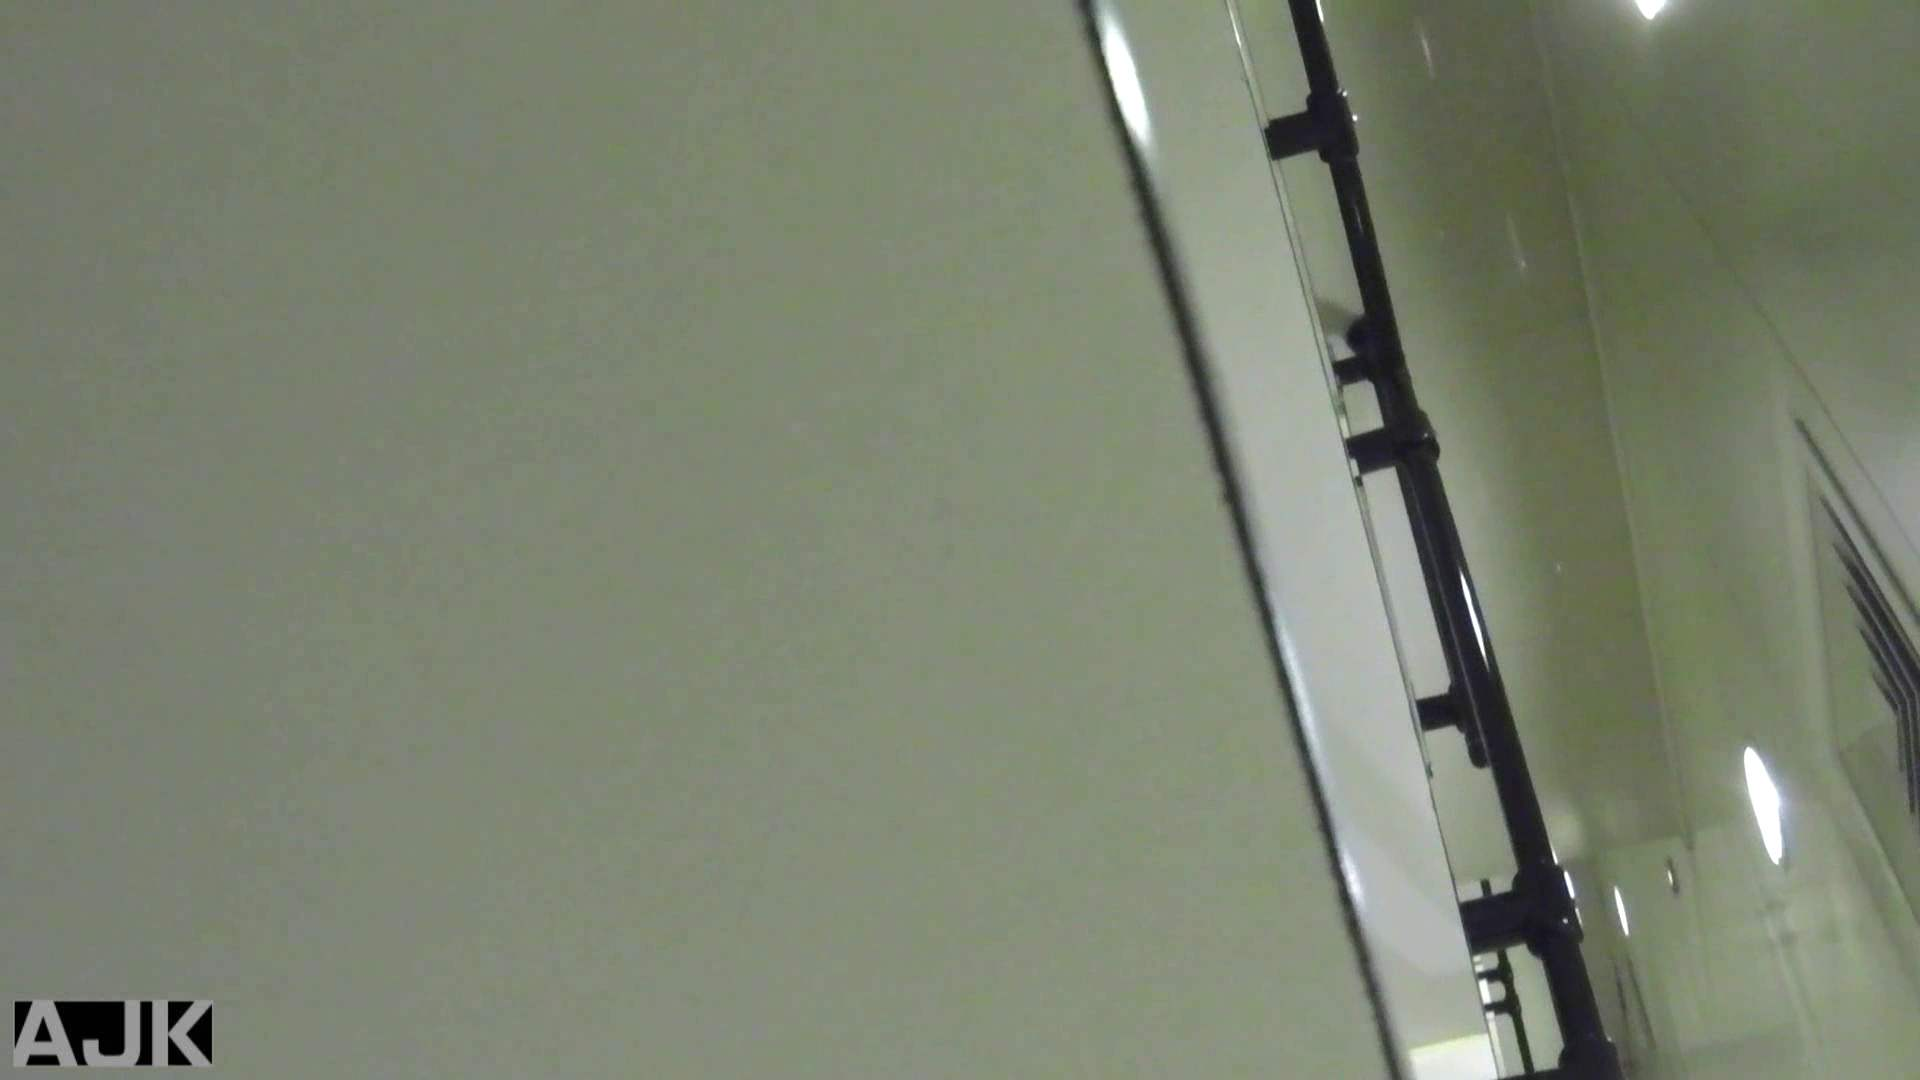 隣国上階級エリアの令嬢たちが集うデパートお手洗い Vol.15 エロいお嬢様 ワレメ動画紹介 106画像 7